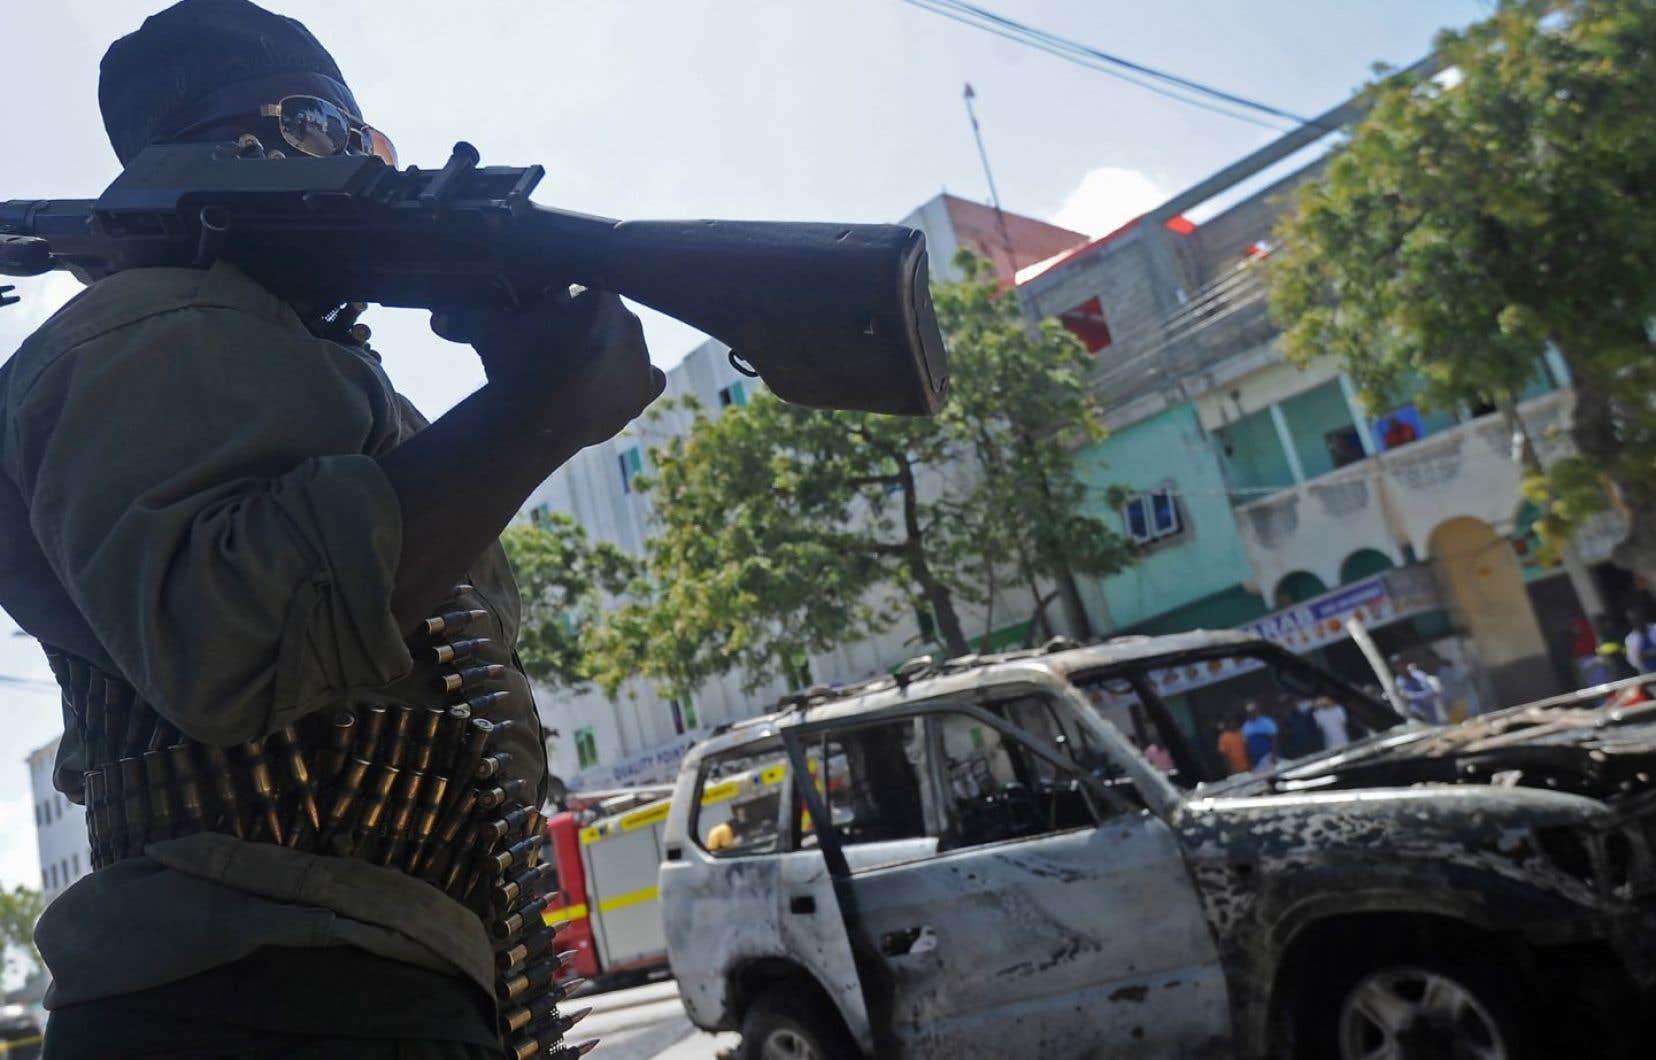 L'Érythrée a été sanctionnée pour son implication dans le conflit en Somalie.